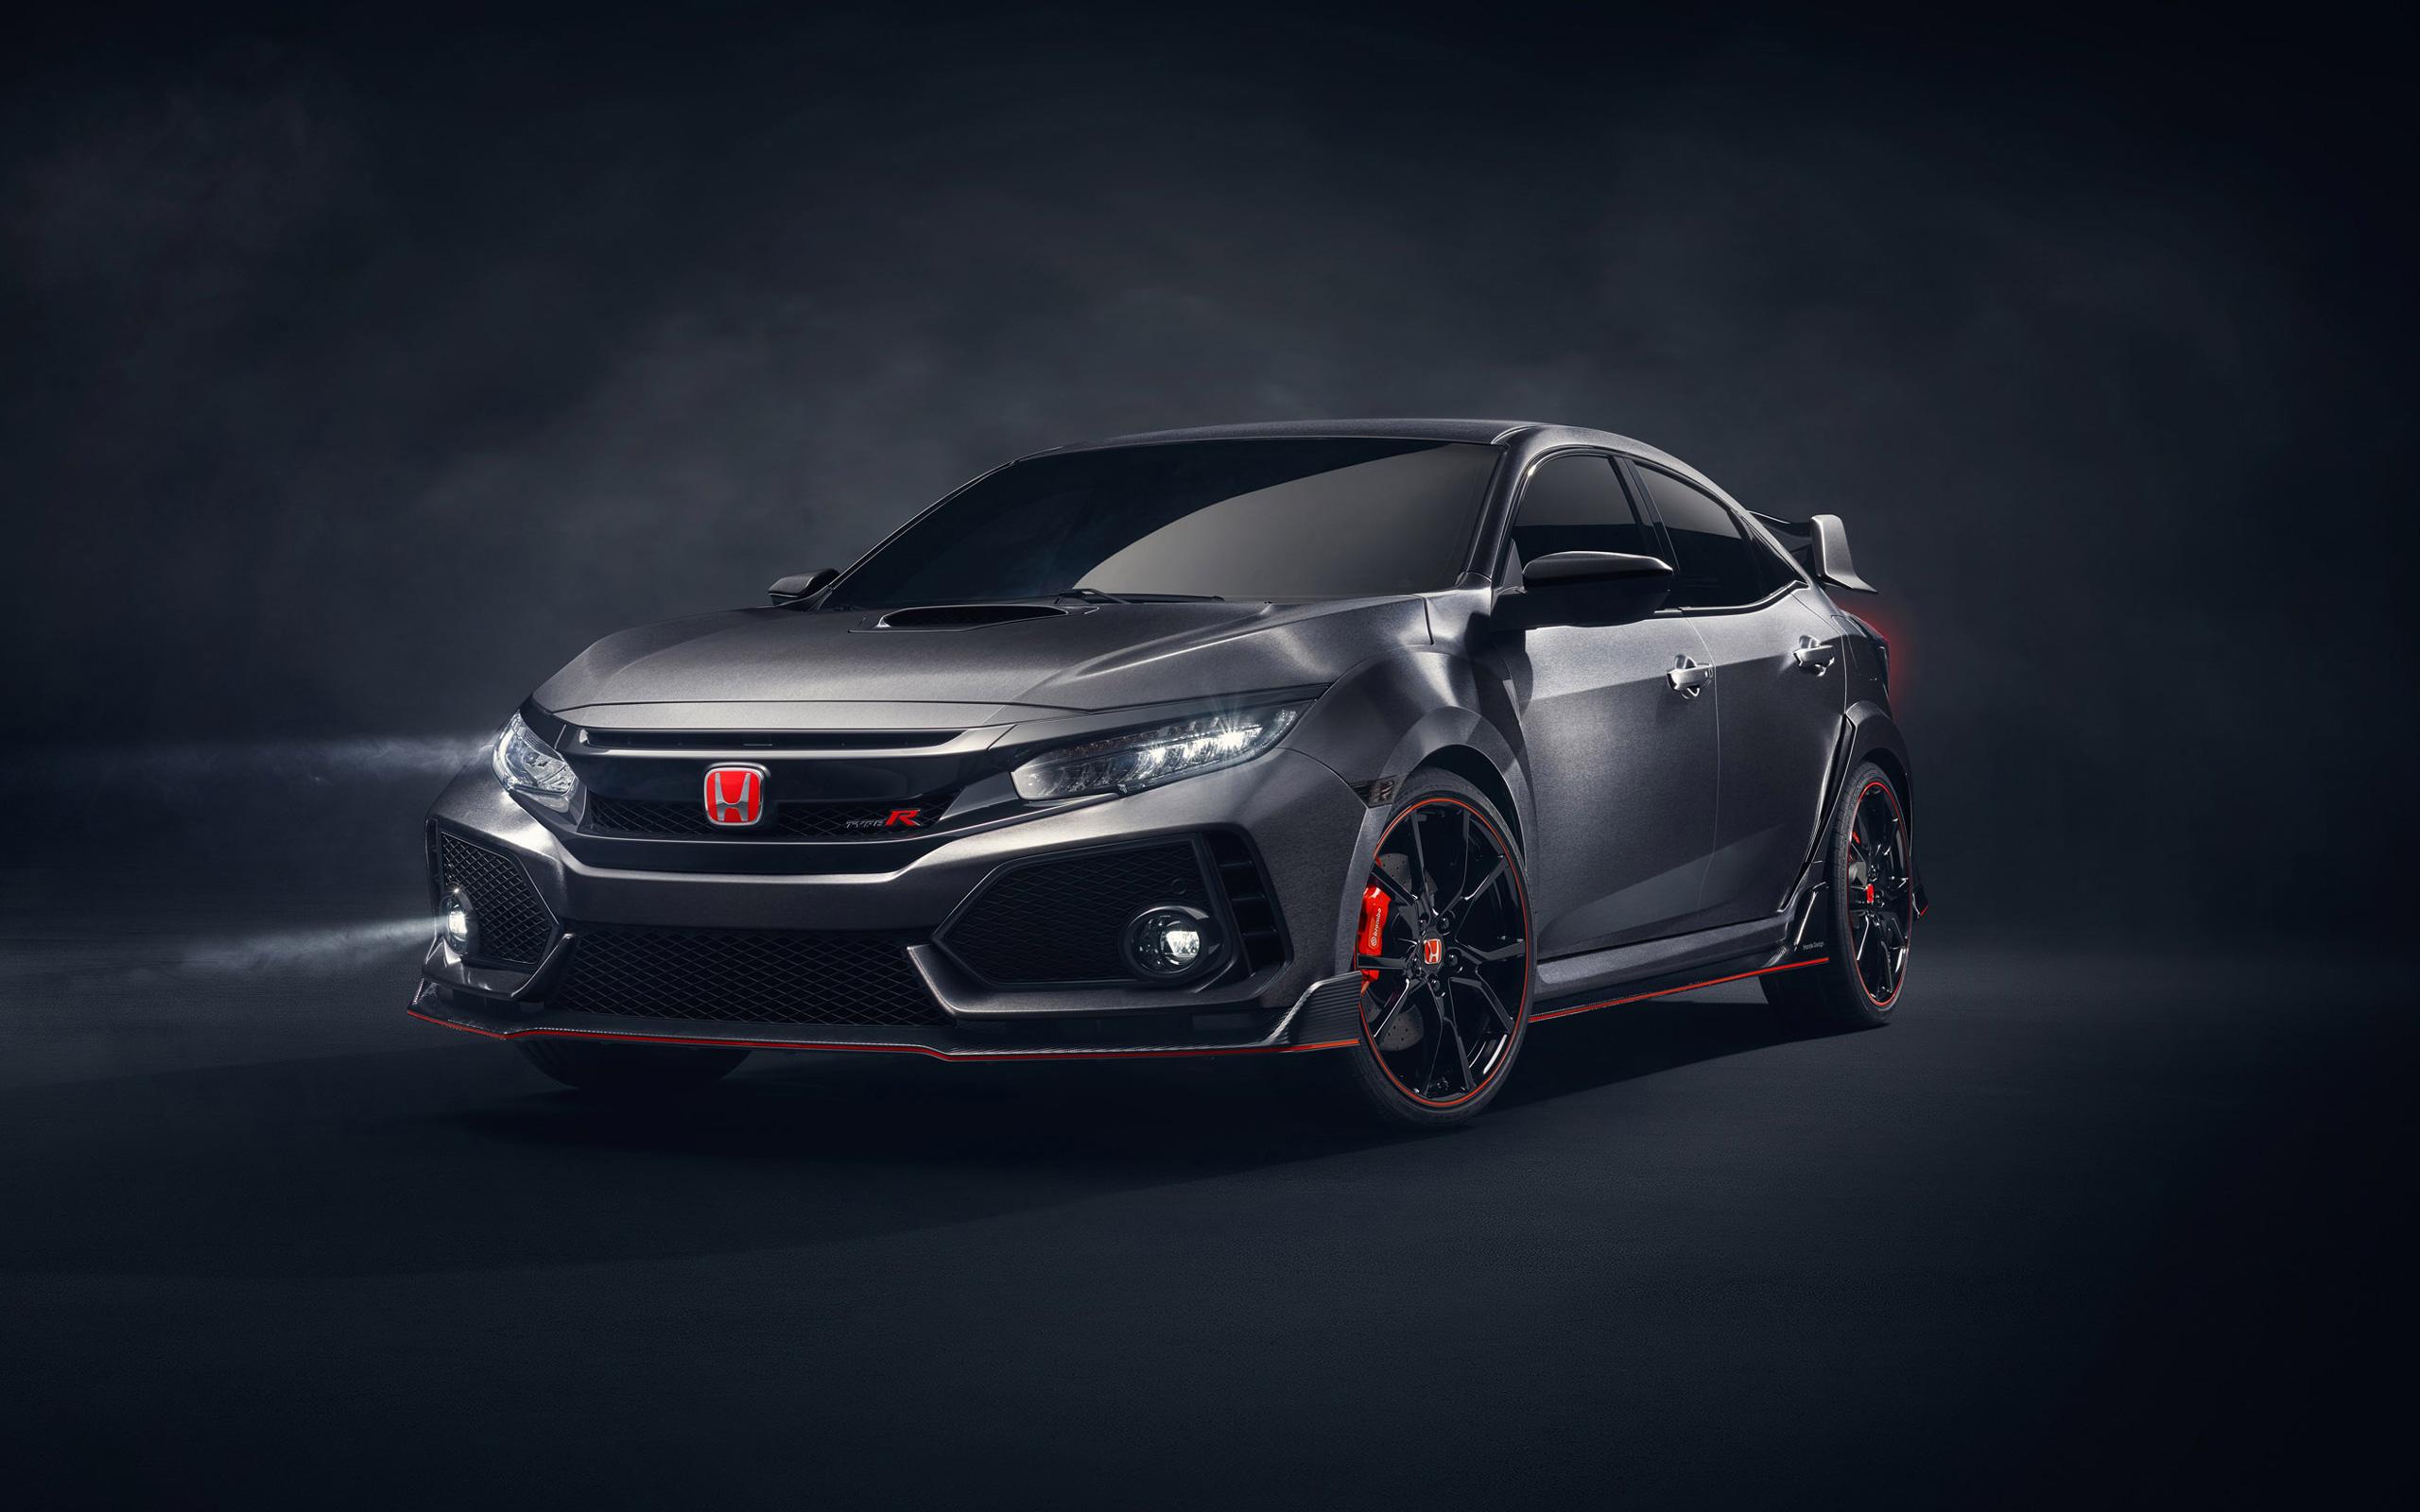 2017 Honda Accord Sport >> 2017 Honda Civic Type R 2 Wallpaper | HD Car Wallpapers ...